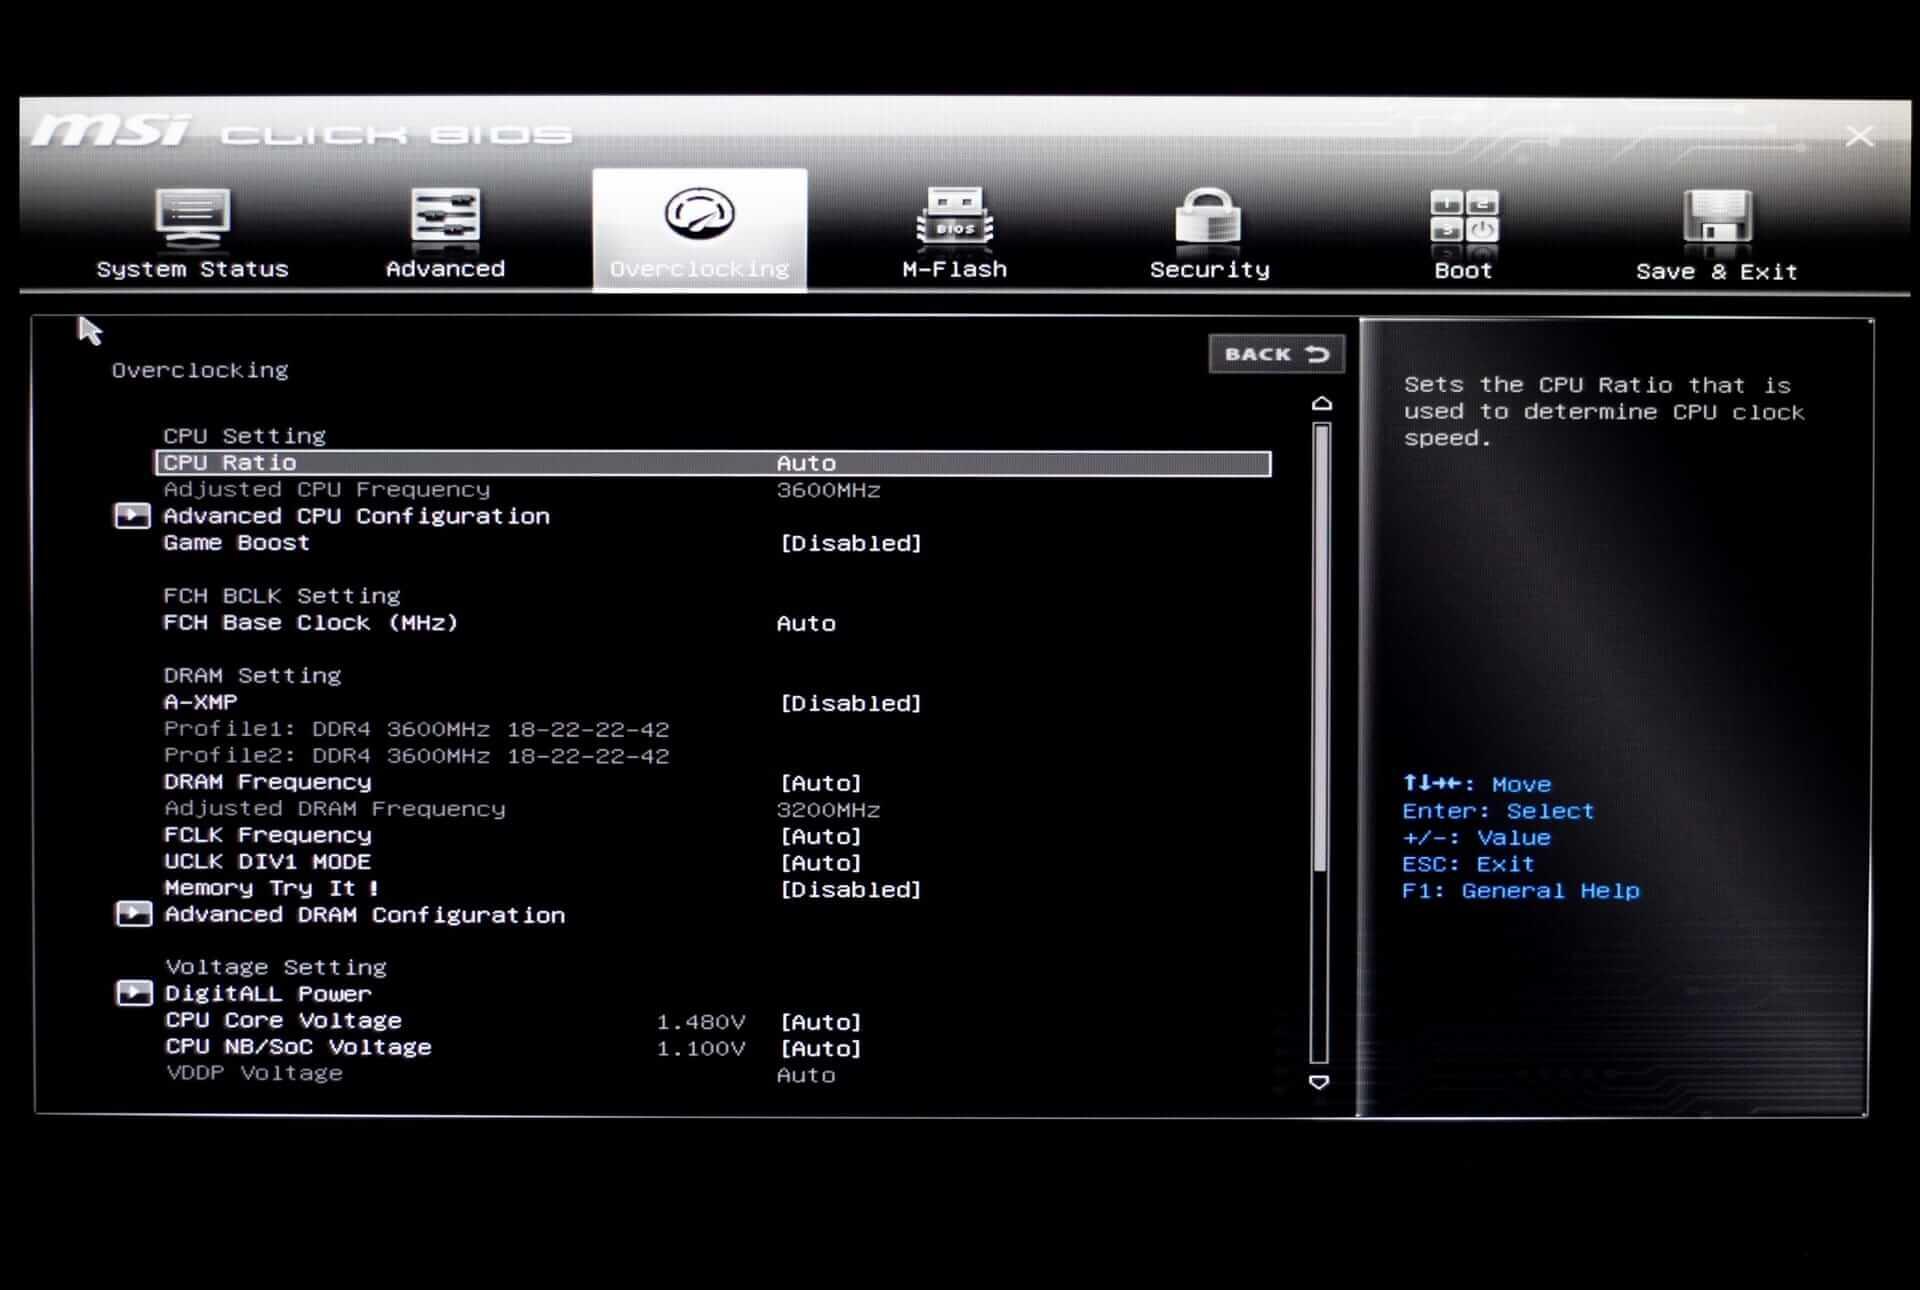 Overclocking Menu in MSI GSE Lite BIOS